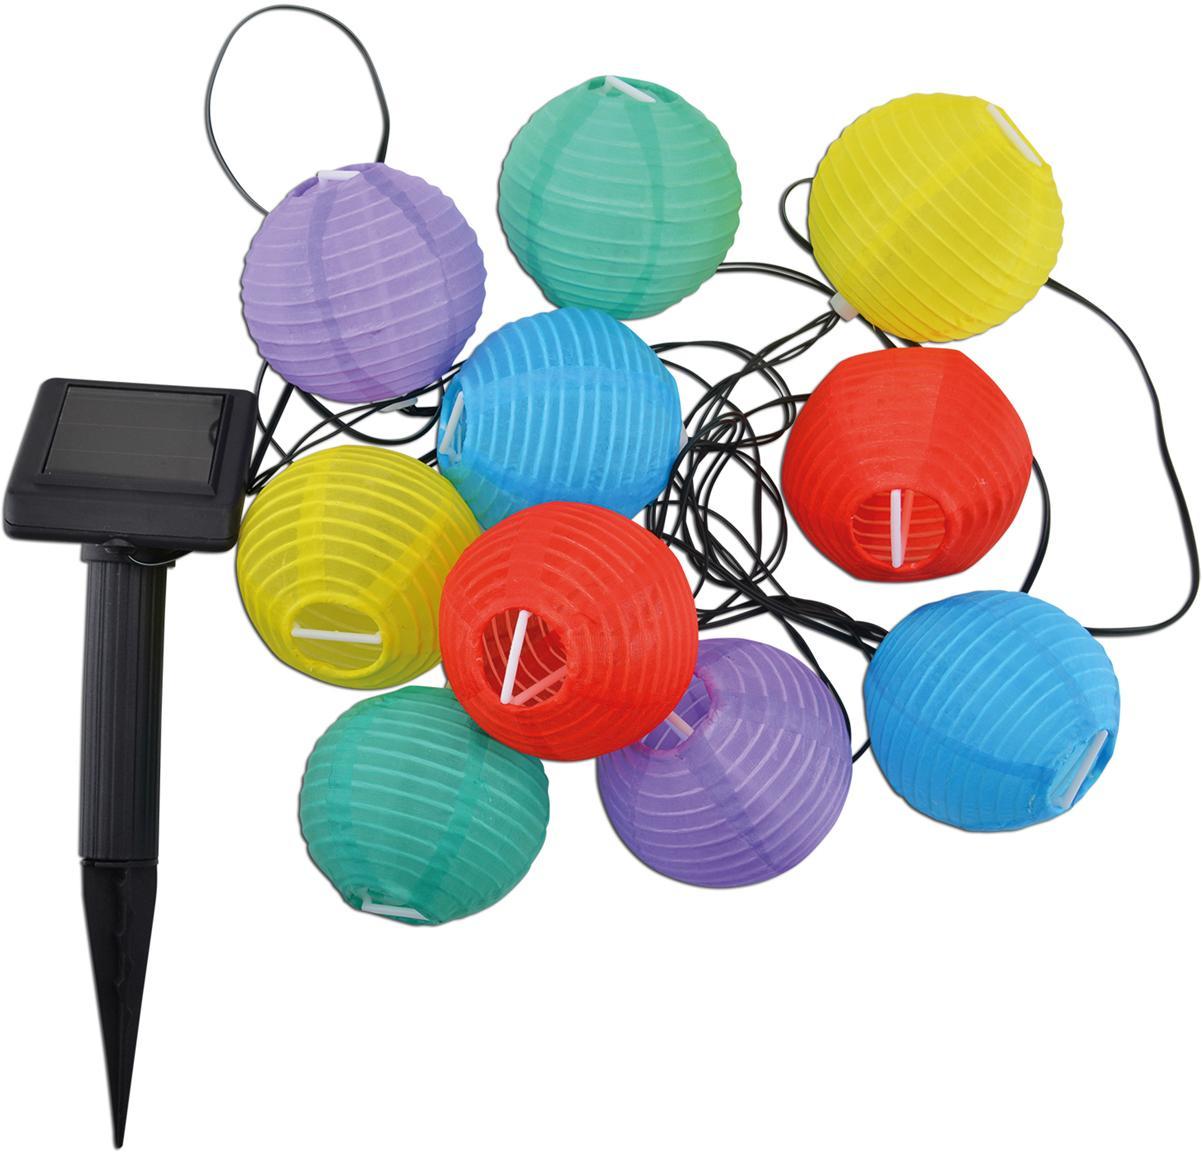 Guirnalda de luces LED Lampion, Plástico, Multicolor, L 380 cm